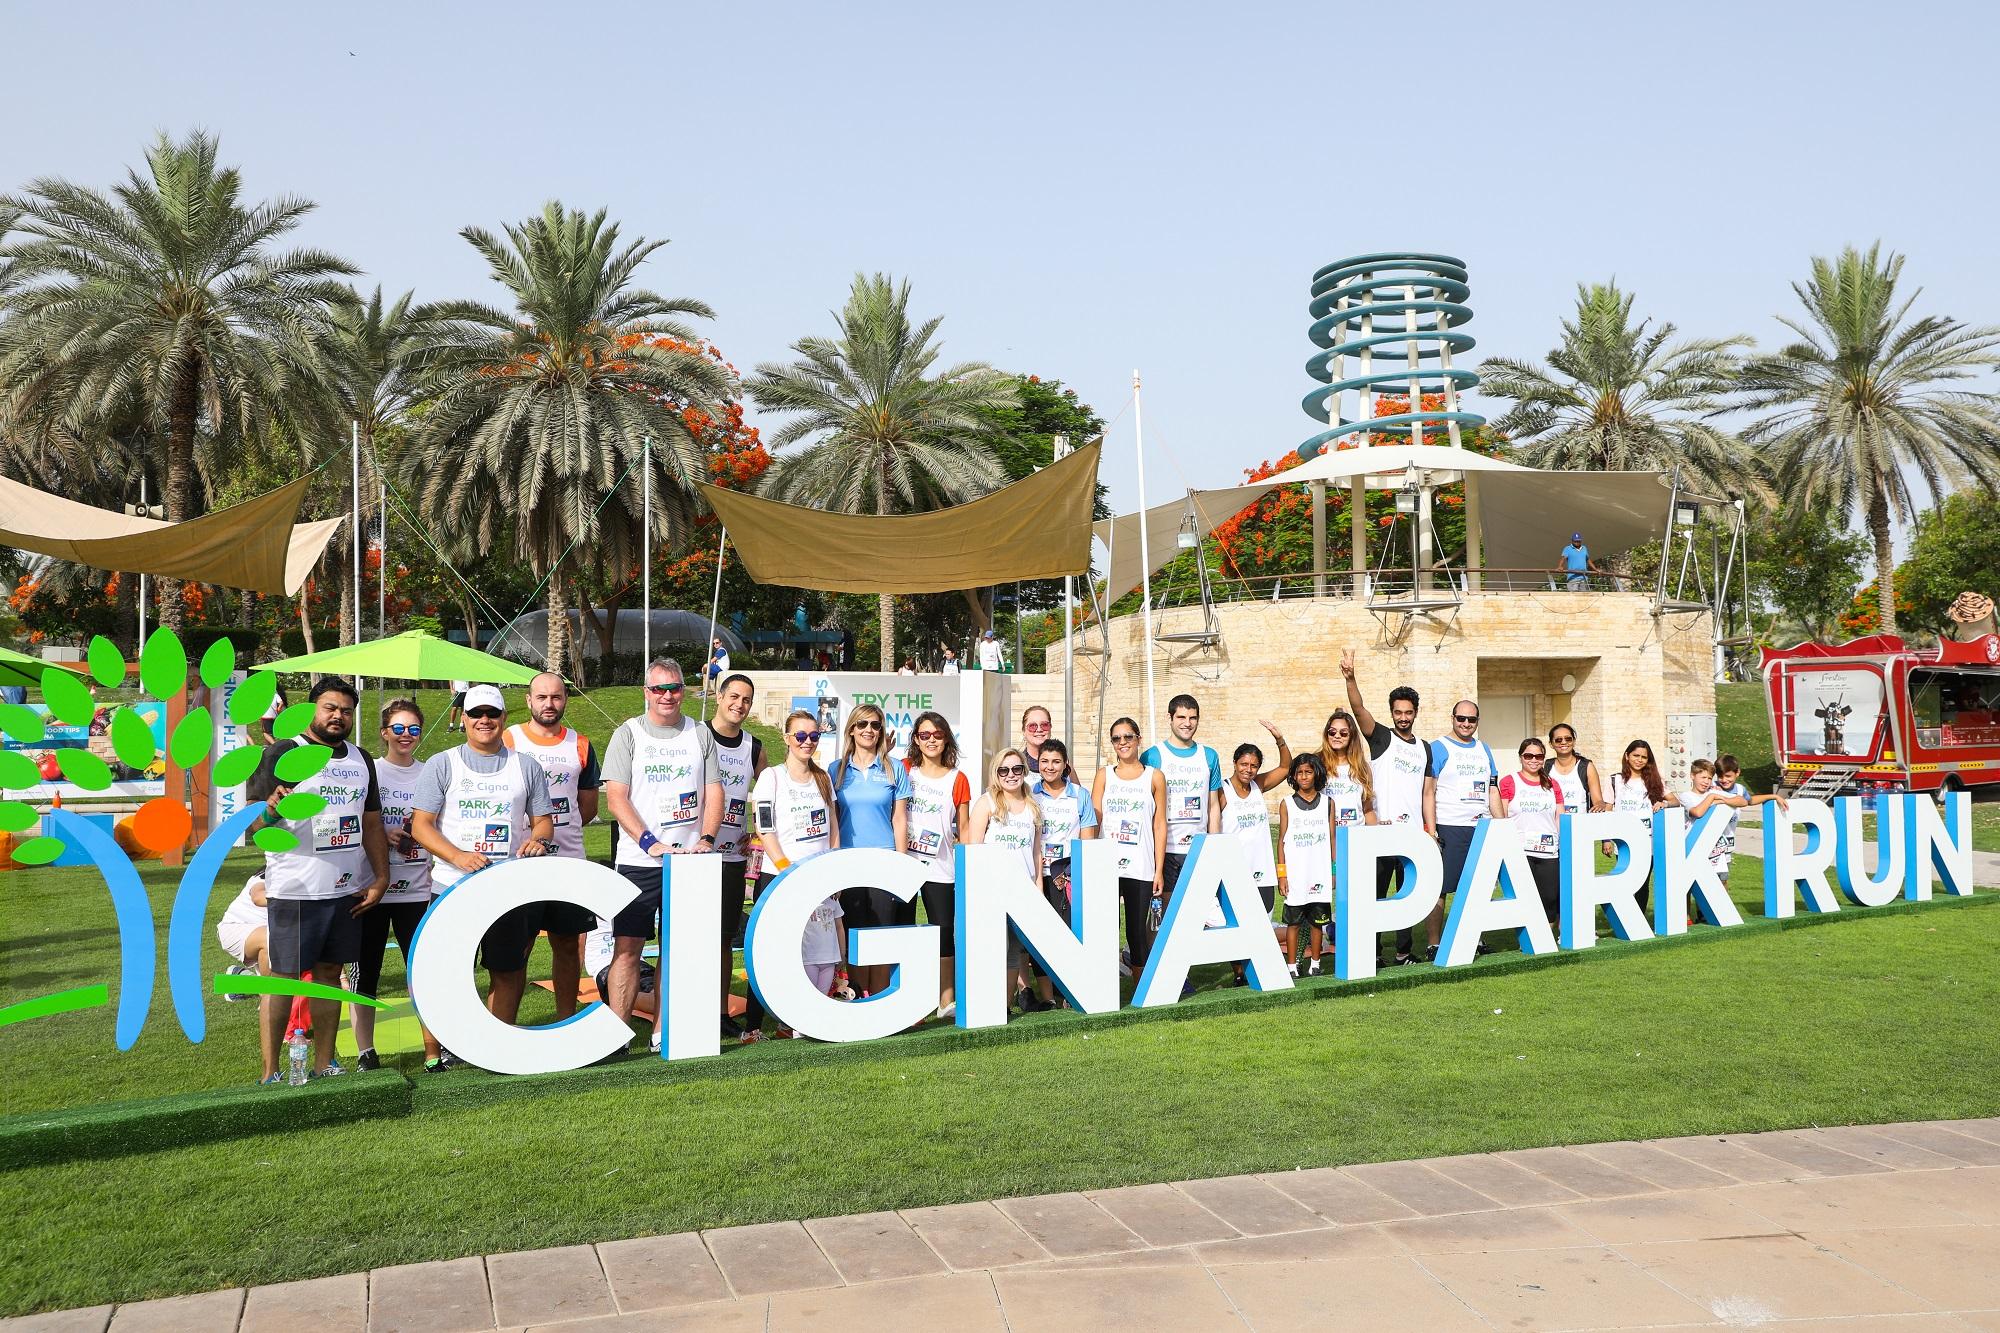 Cigna Park Run - Edition 7